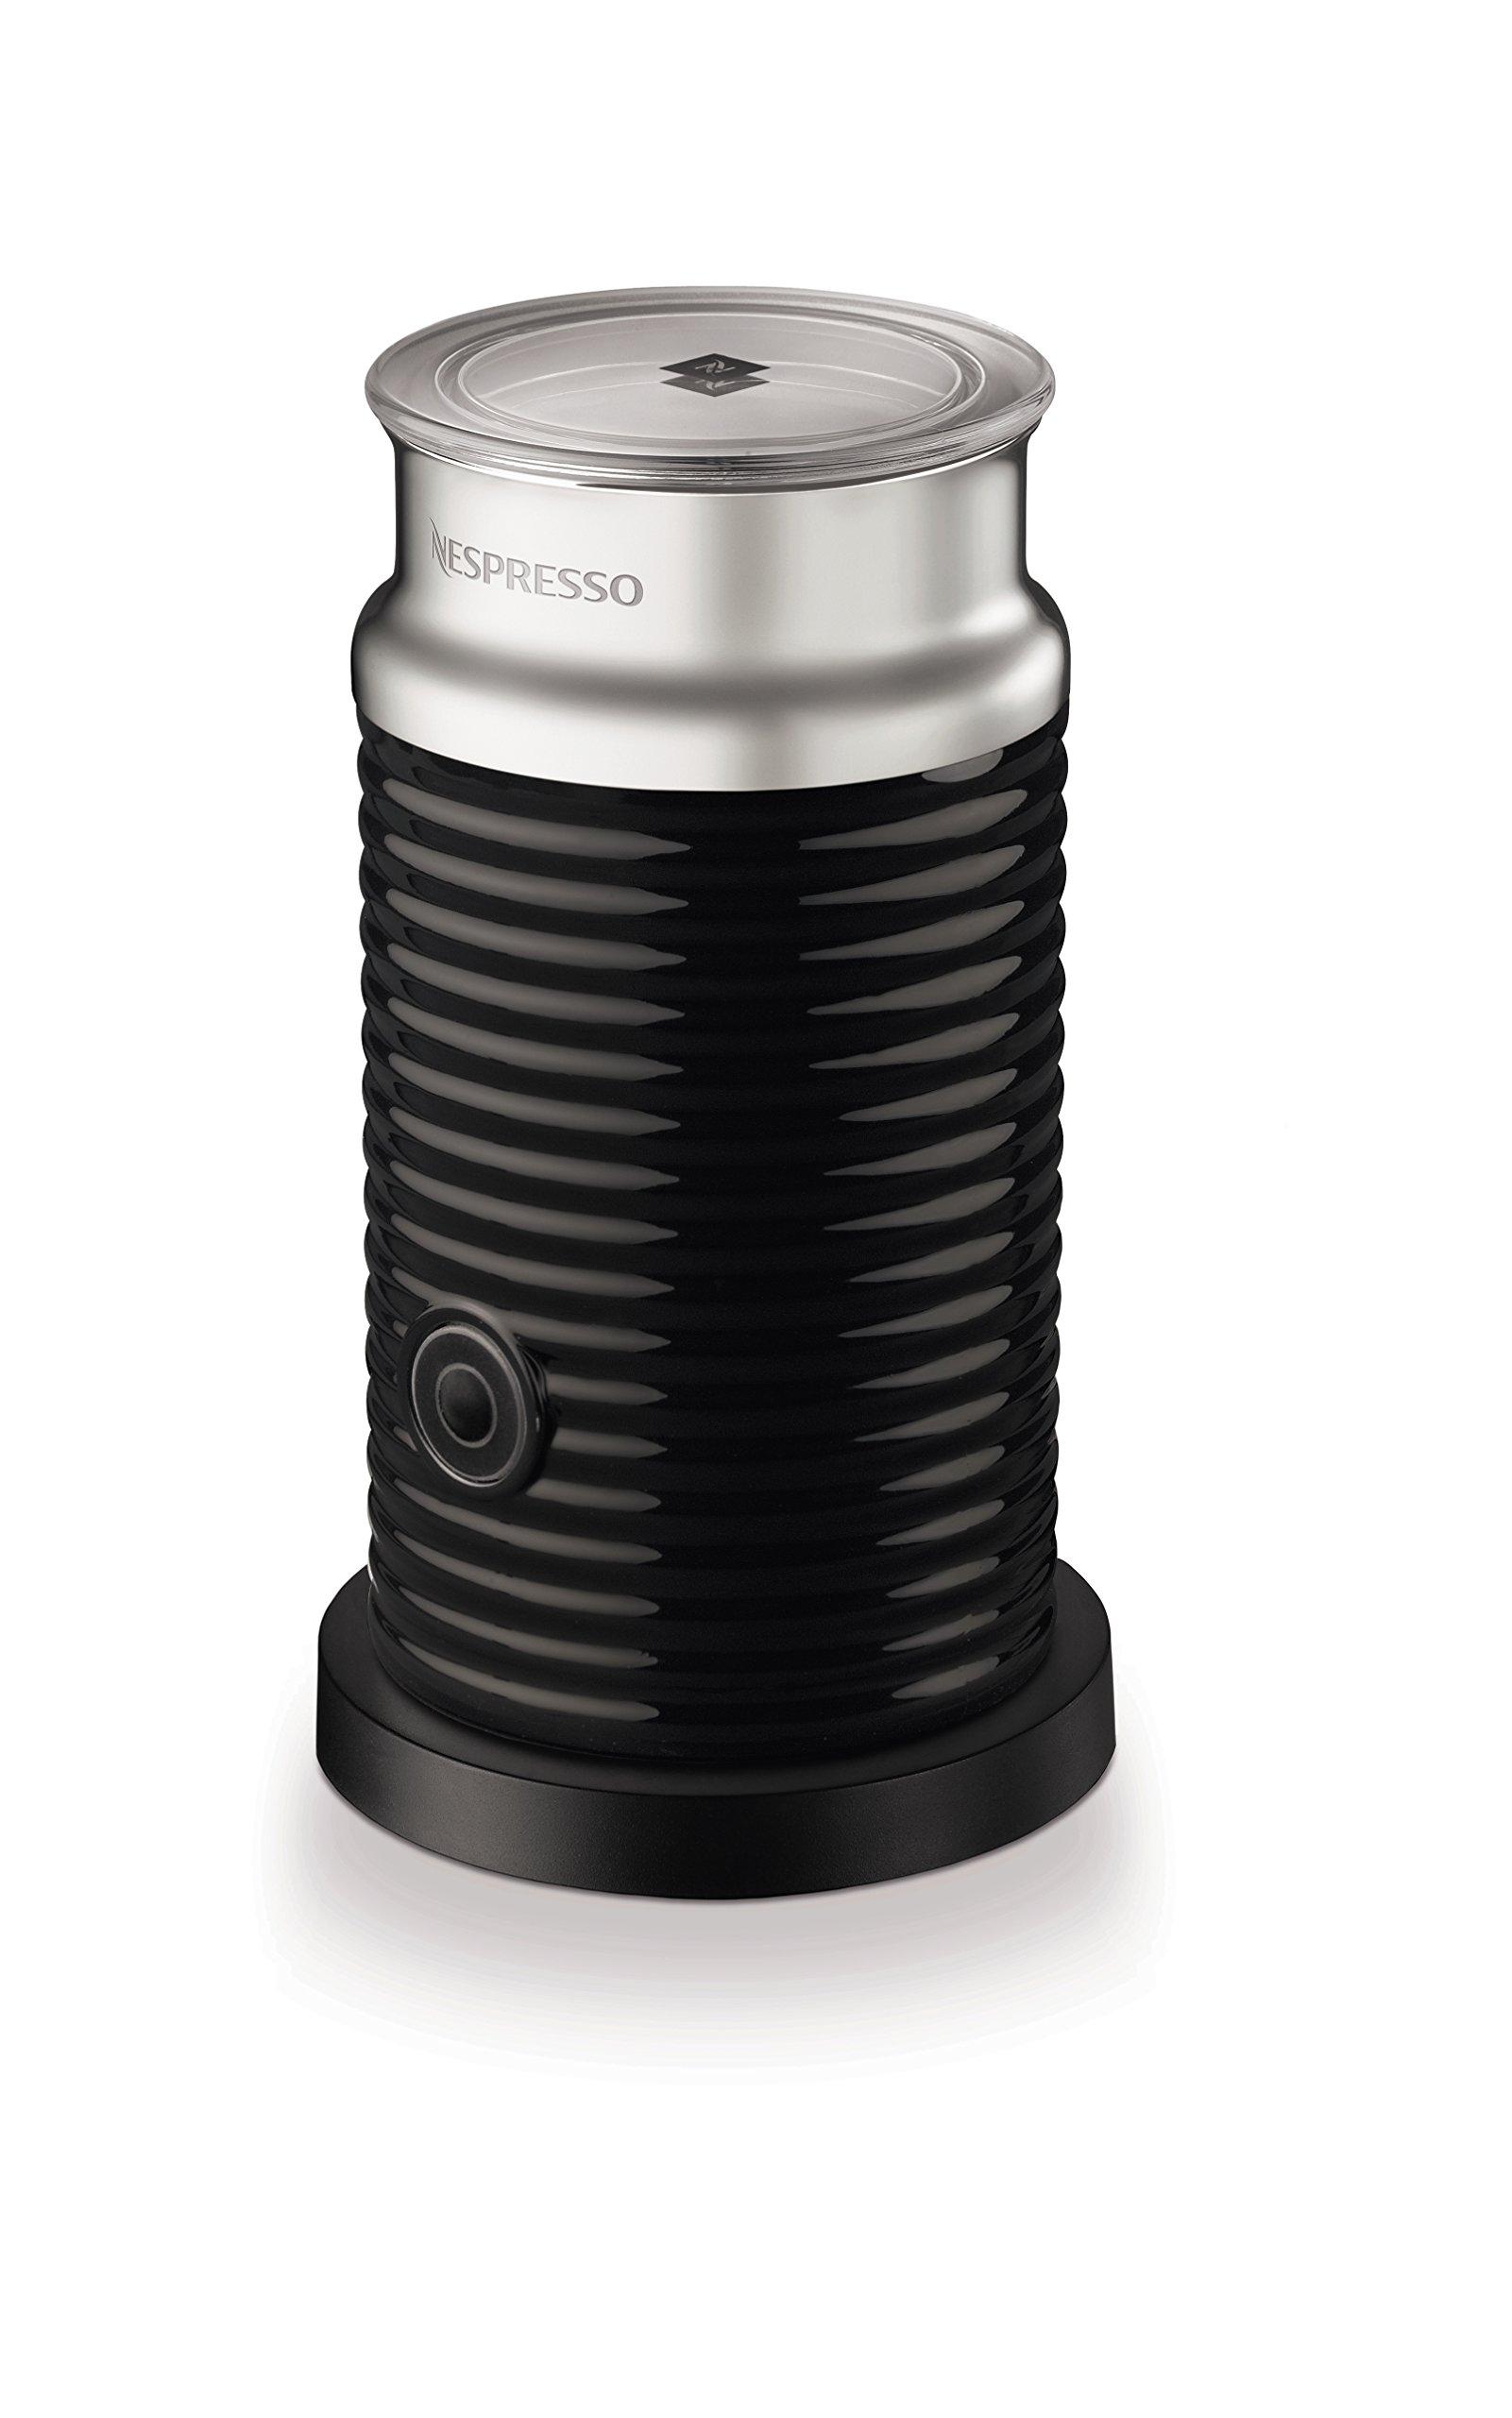 Nespresso Pixie Espresso Machine by Breville with Aeroccino, Titan by Breville (Image #3)